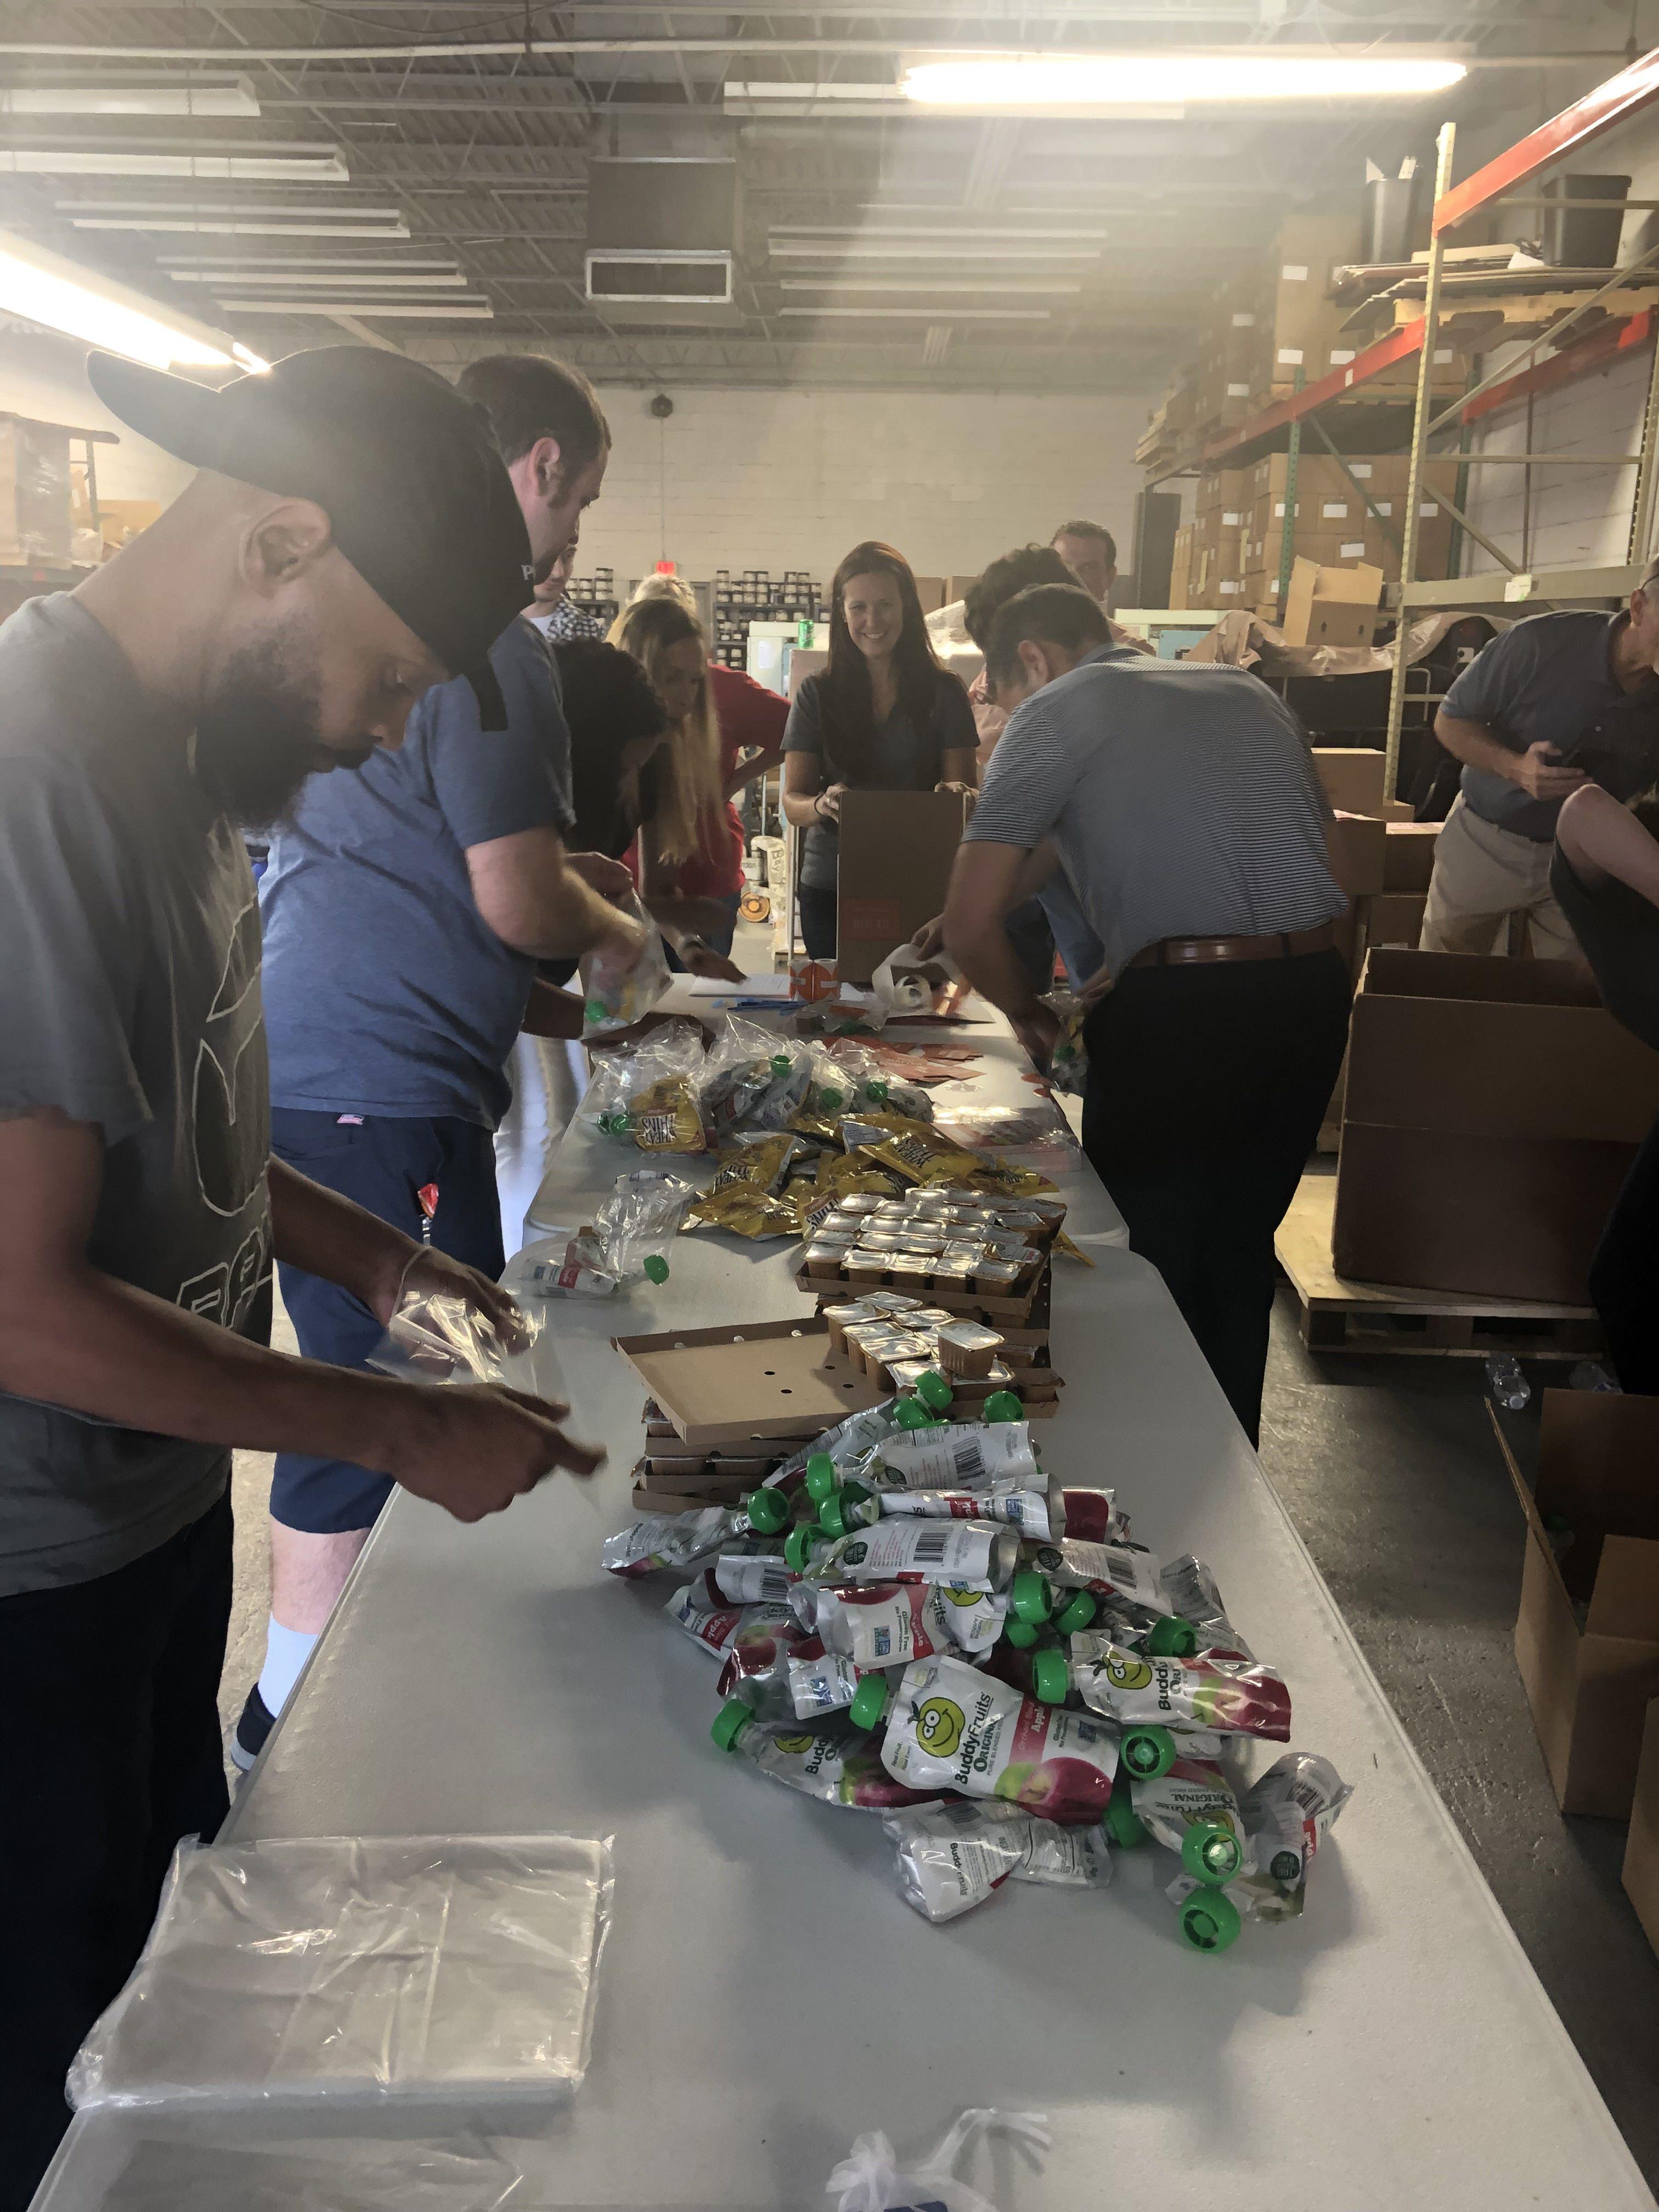 assembling meals 2